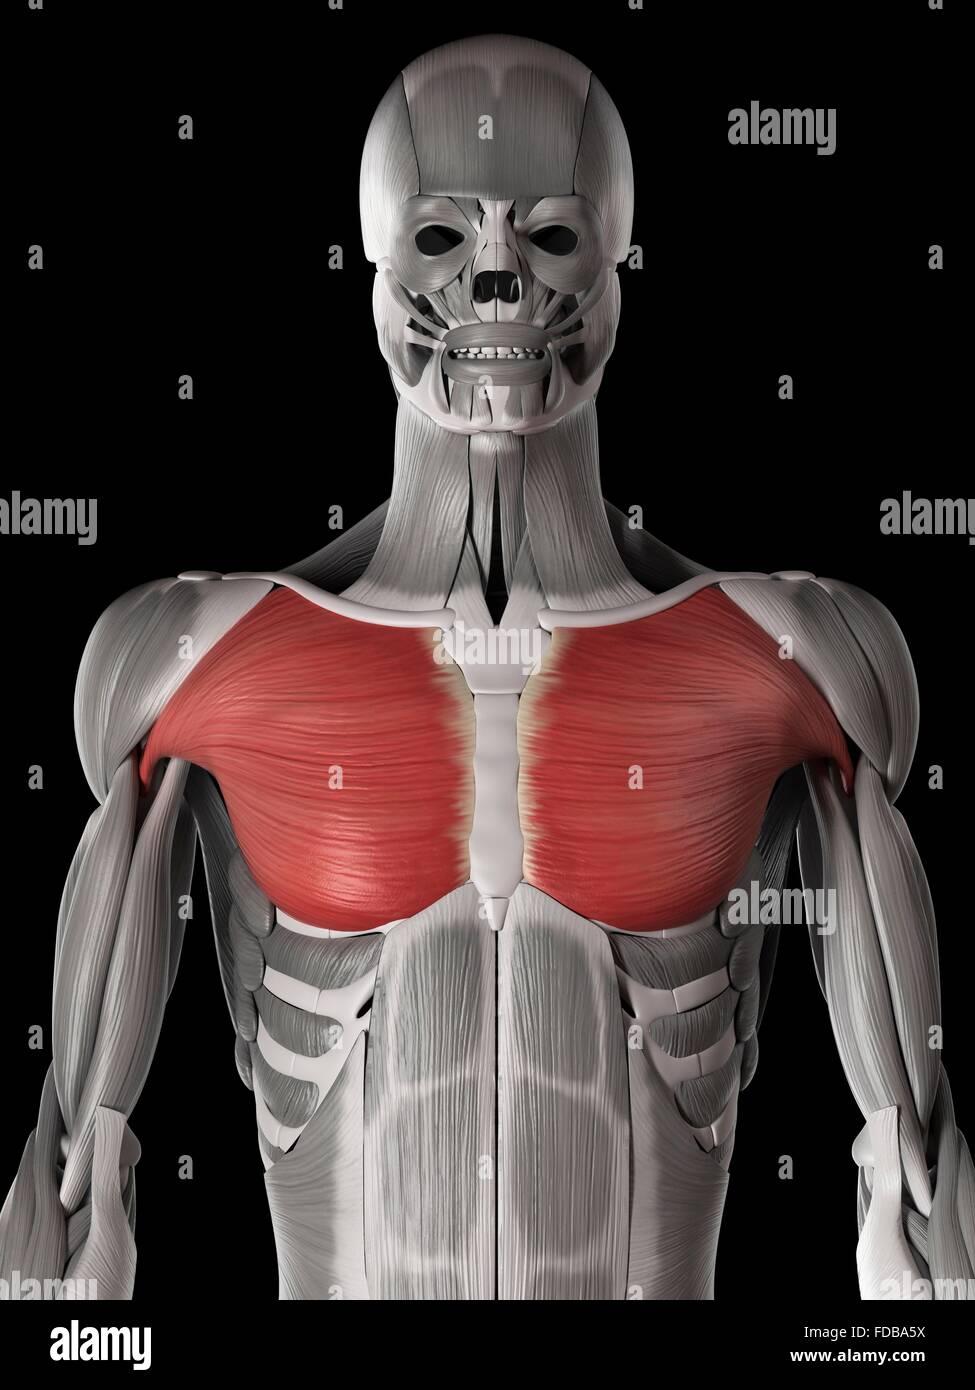 Increíble Diagrama De Músculo Del Pecho Galería - Imágenes de ...